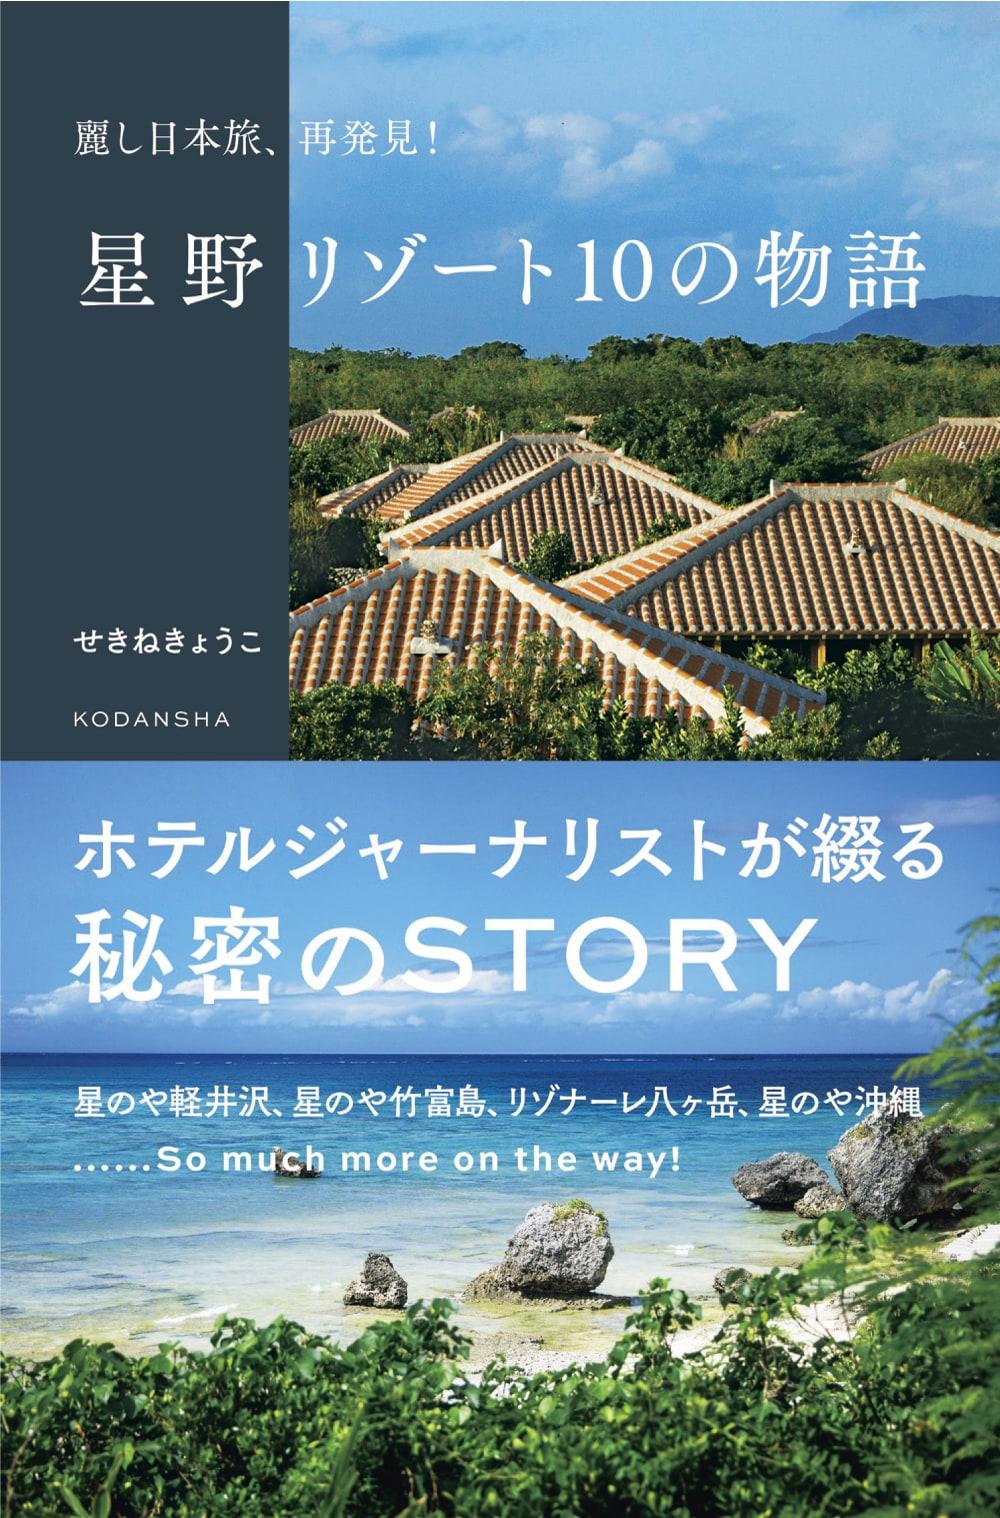 講談社『麗し日本旅、再発見!星野リゾート10の物語』